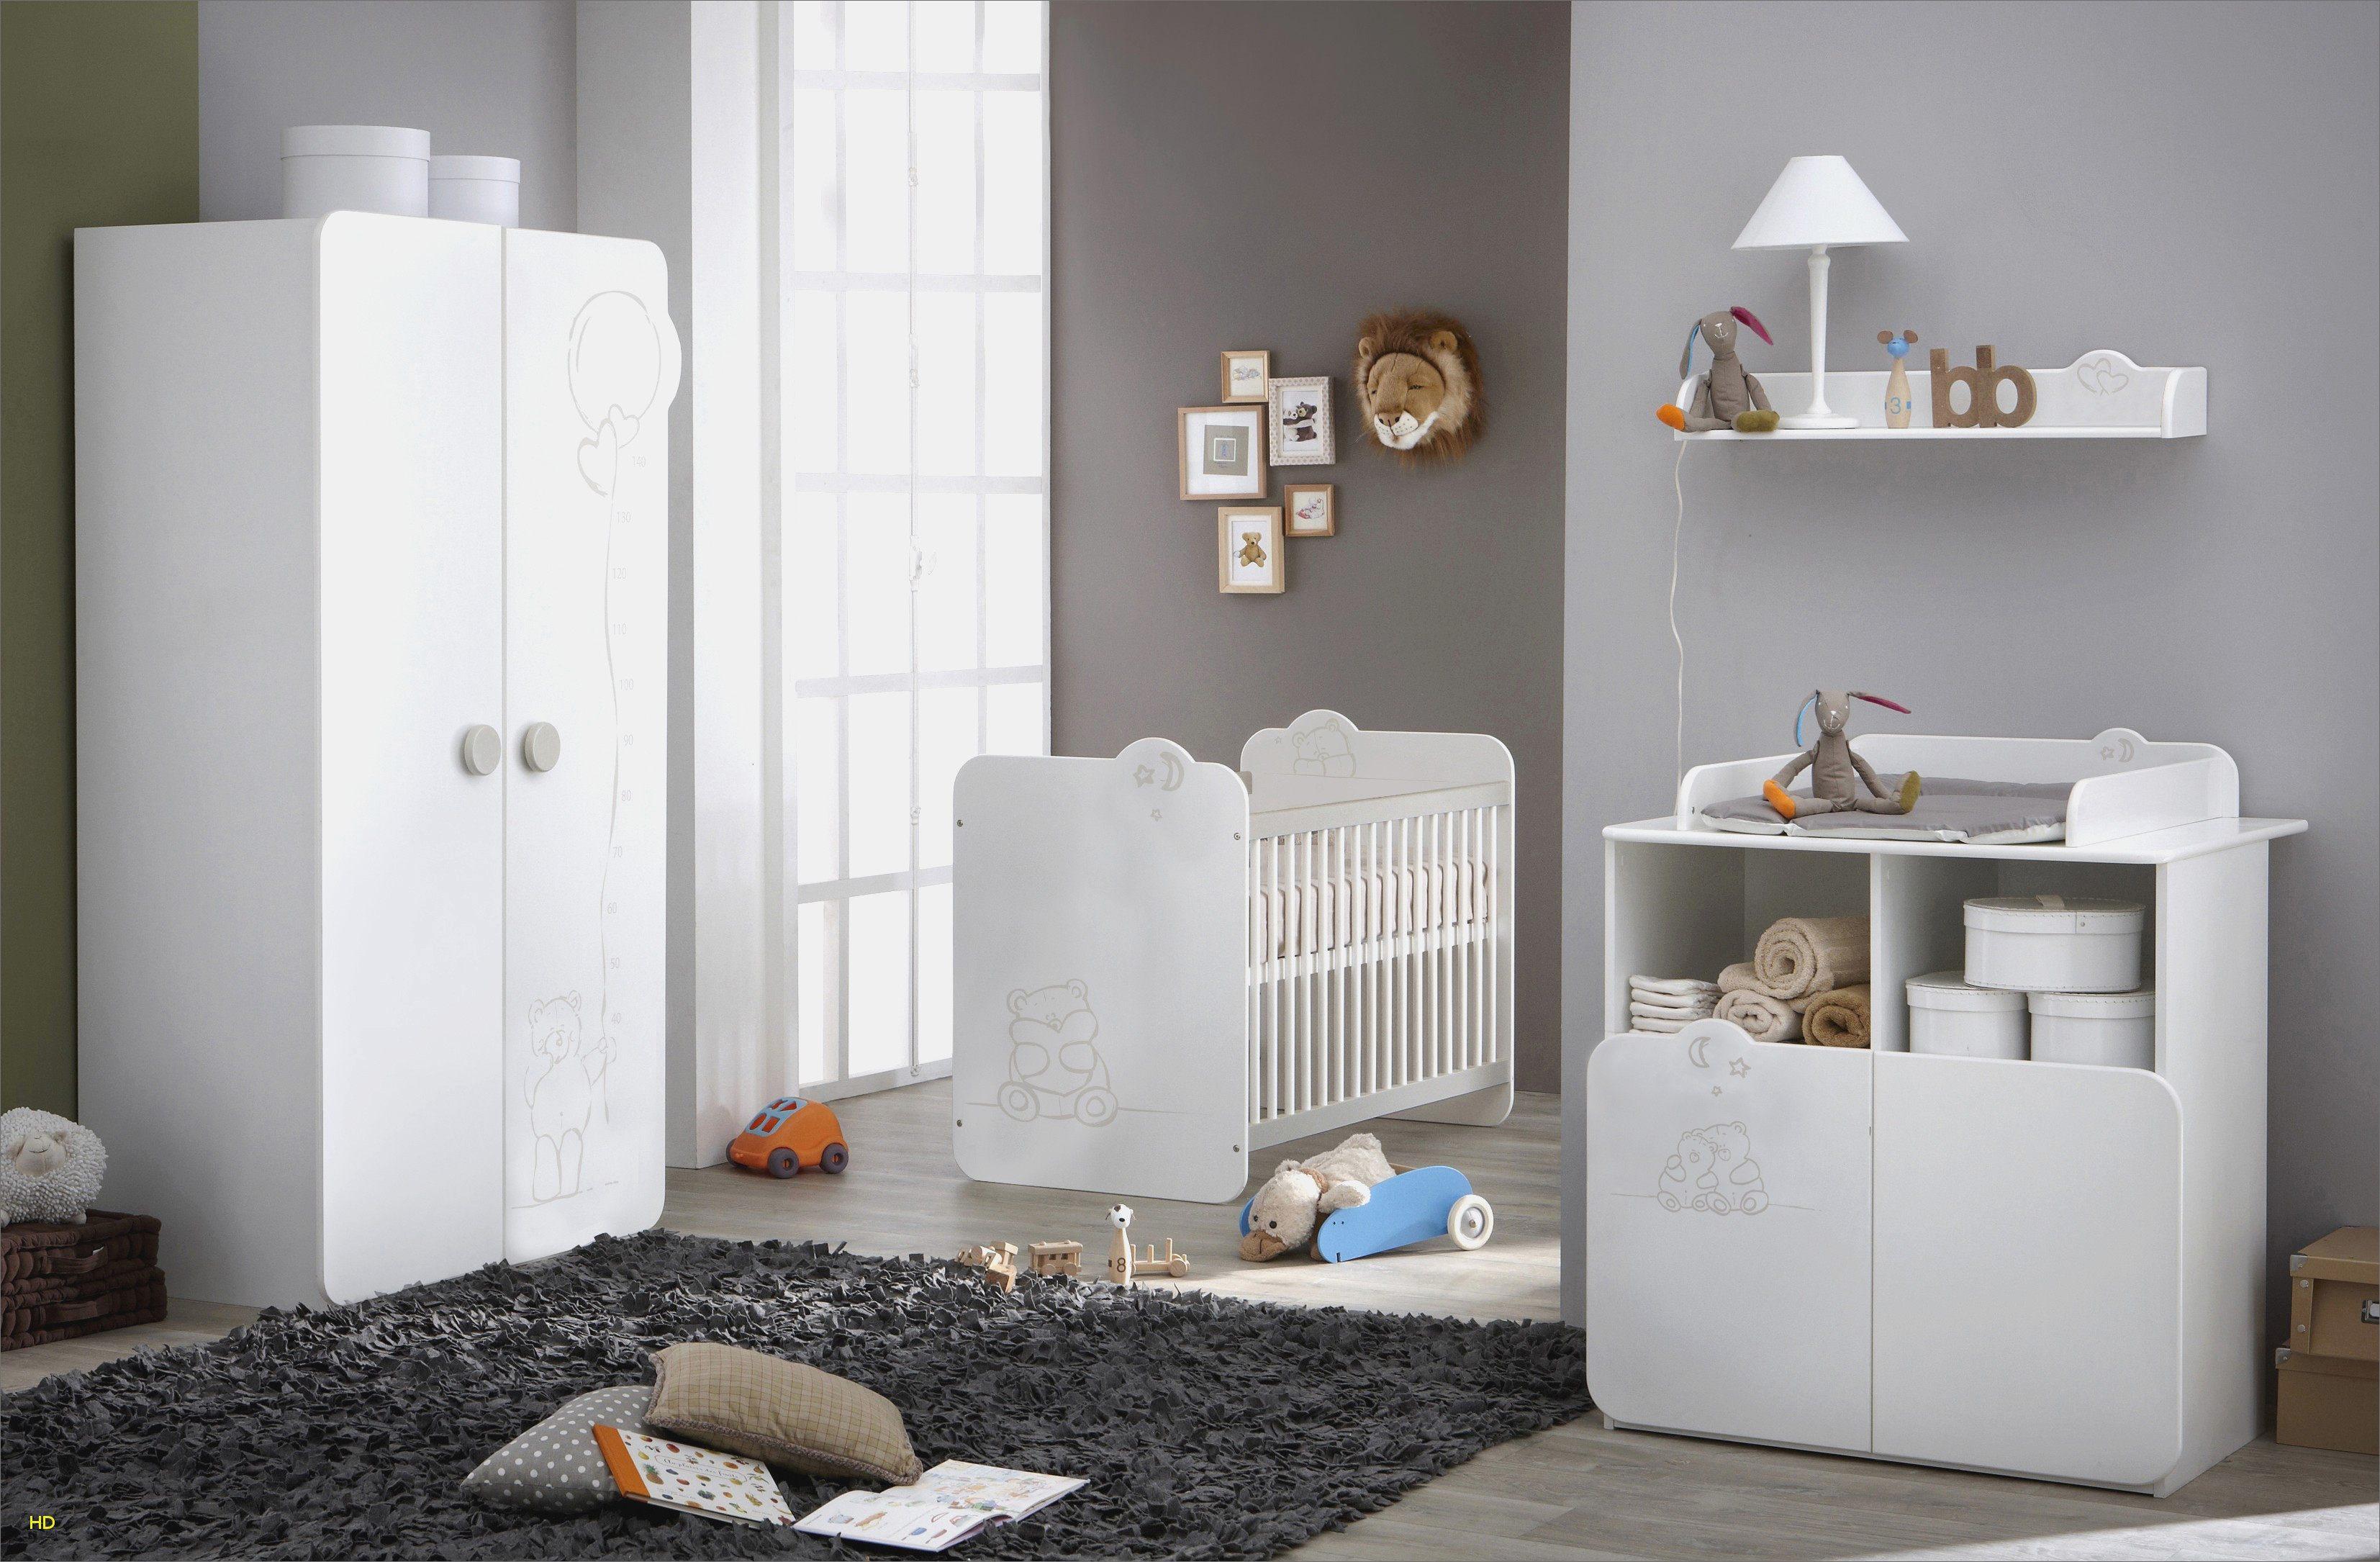 Lit Pirate Enfant De Luxe Rusé Acheter Chambre Enfant Avec Chambre Bébé Bois Massif Lit Bébé